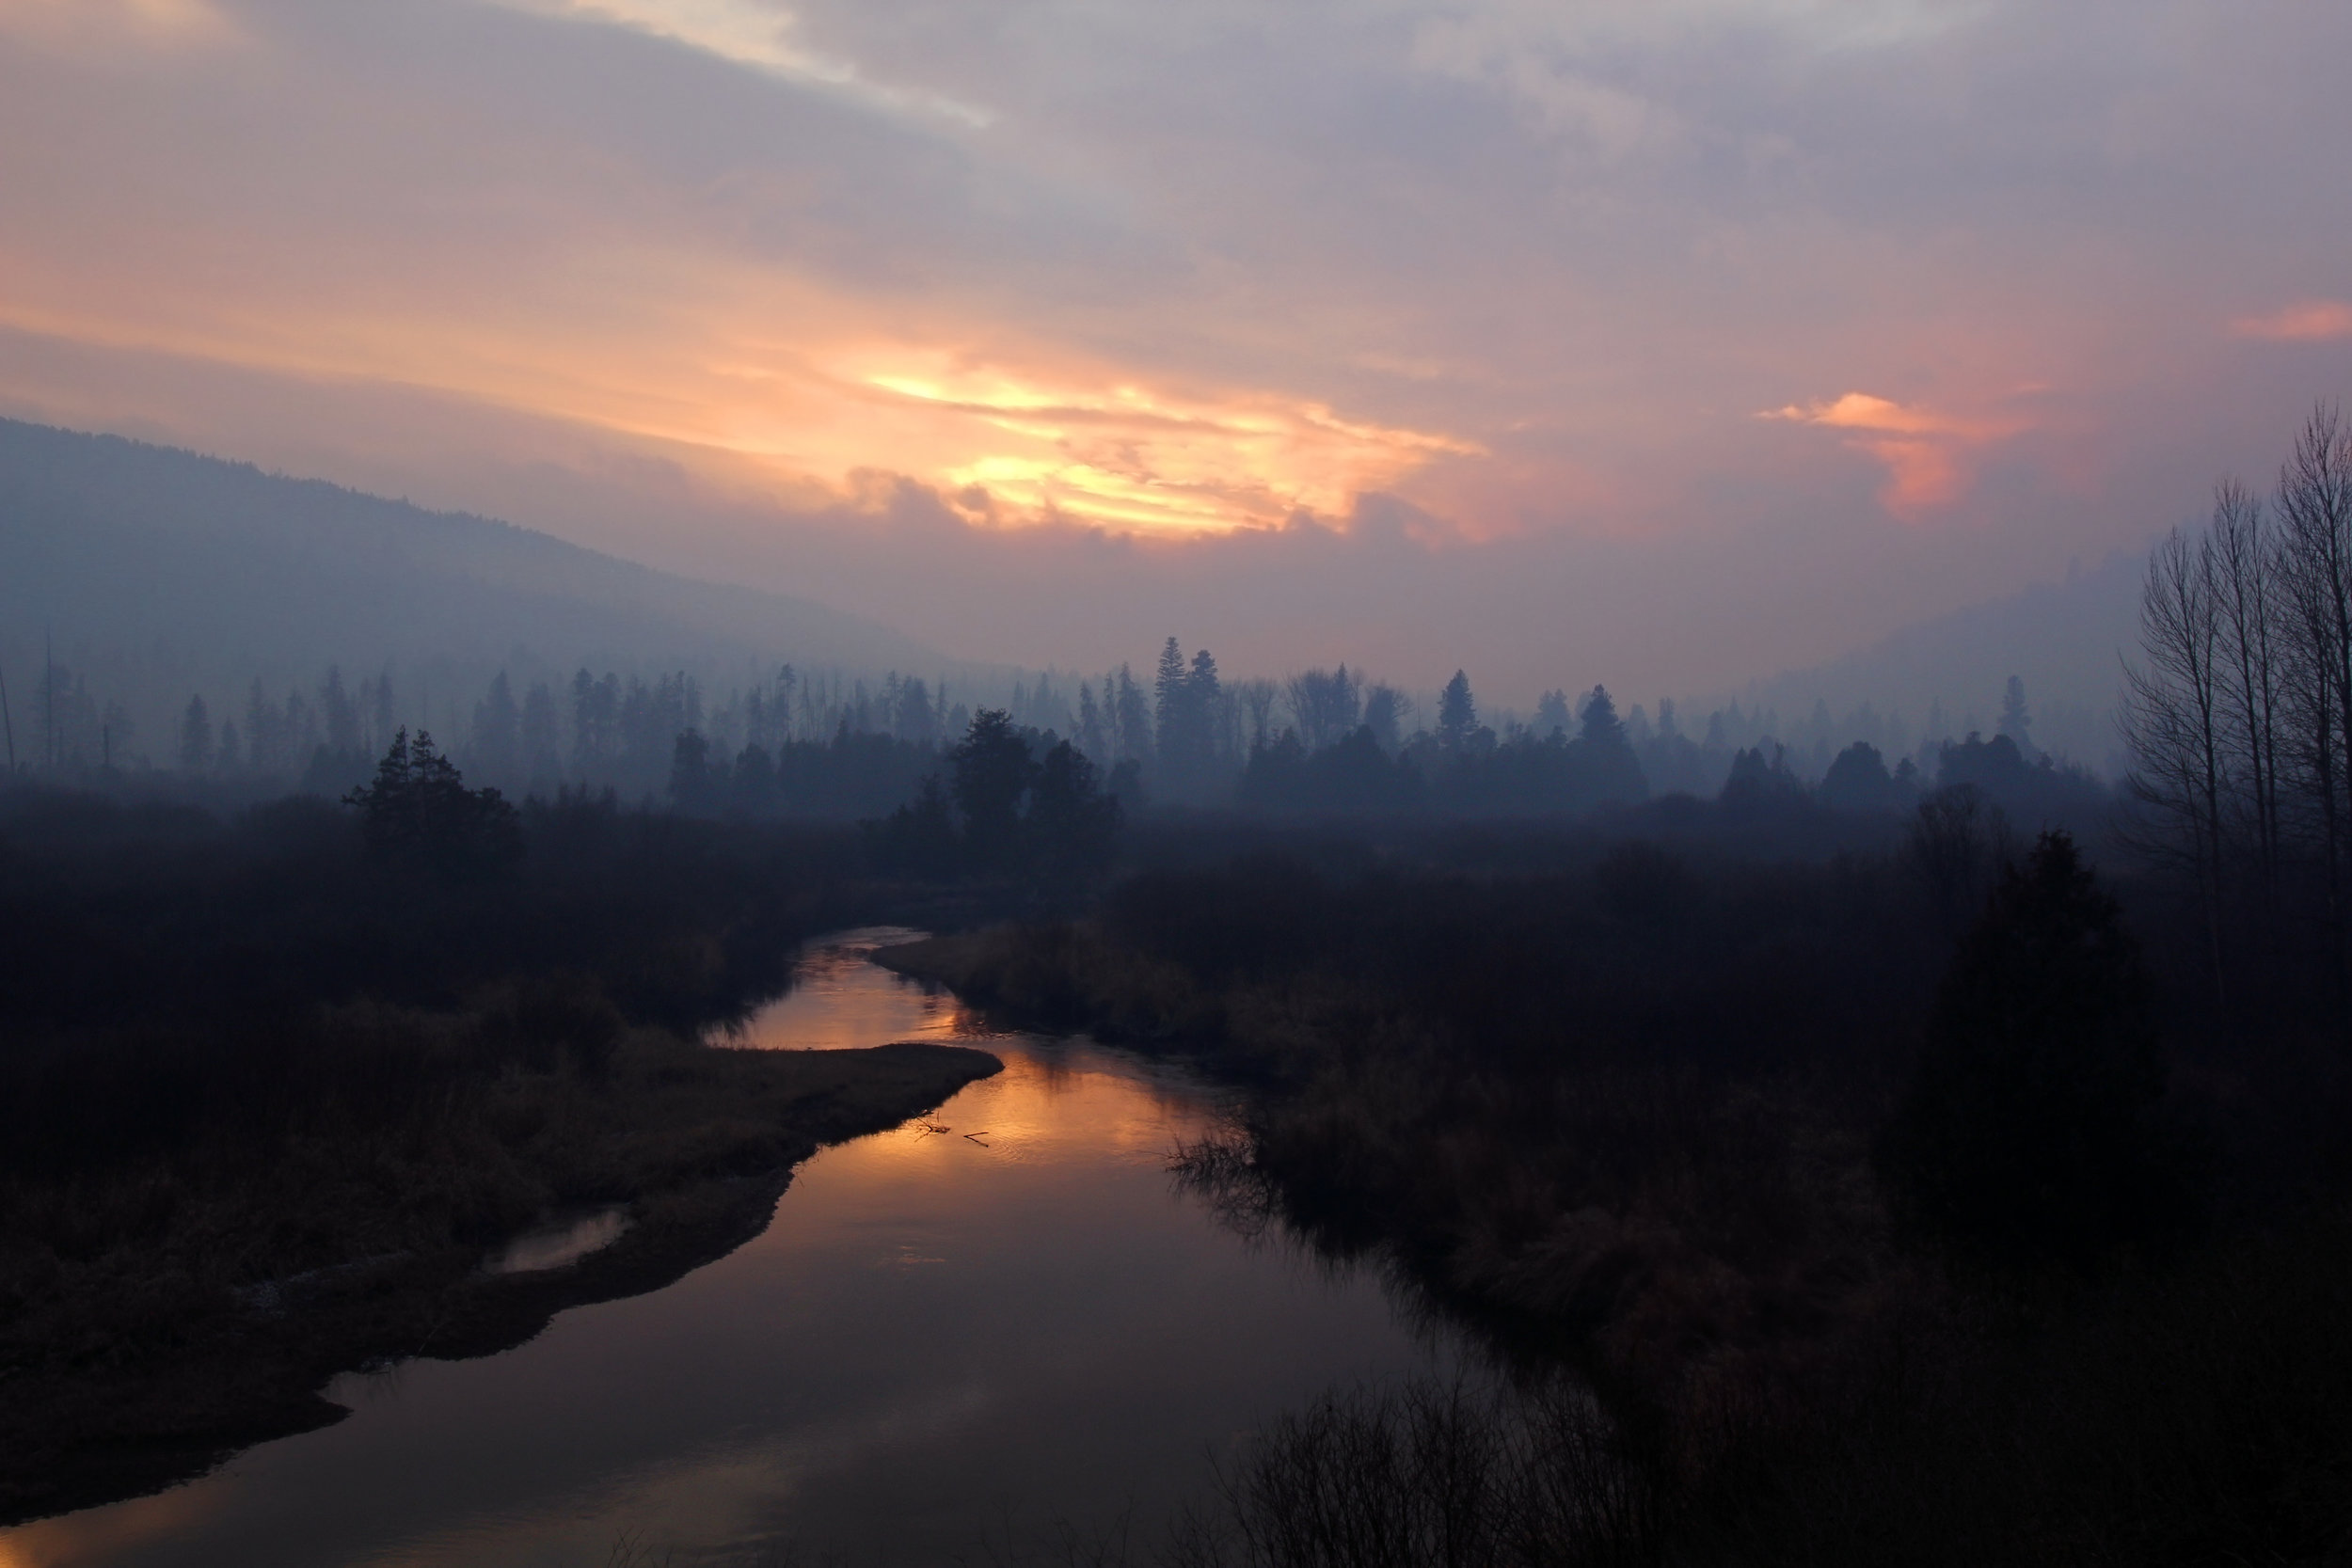 Seeley Fire Sunset